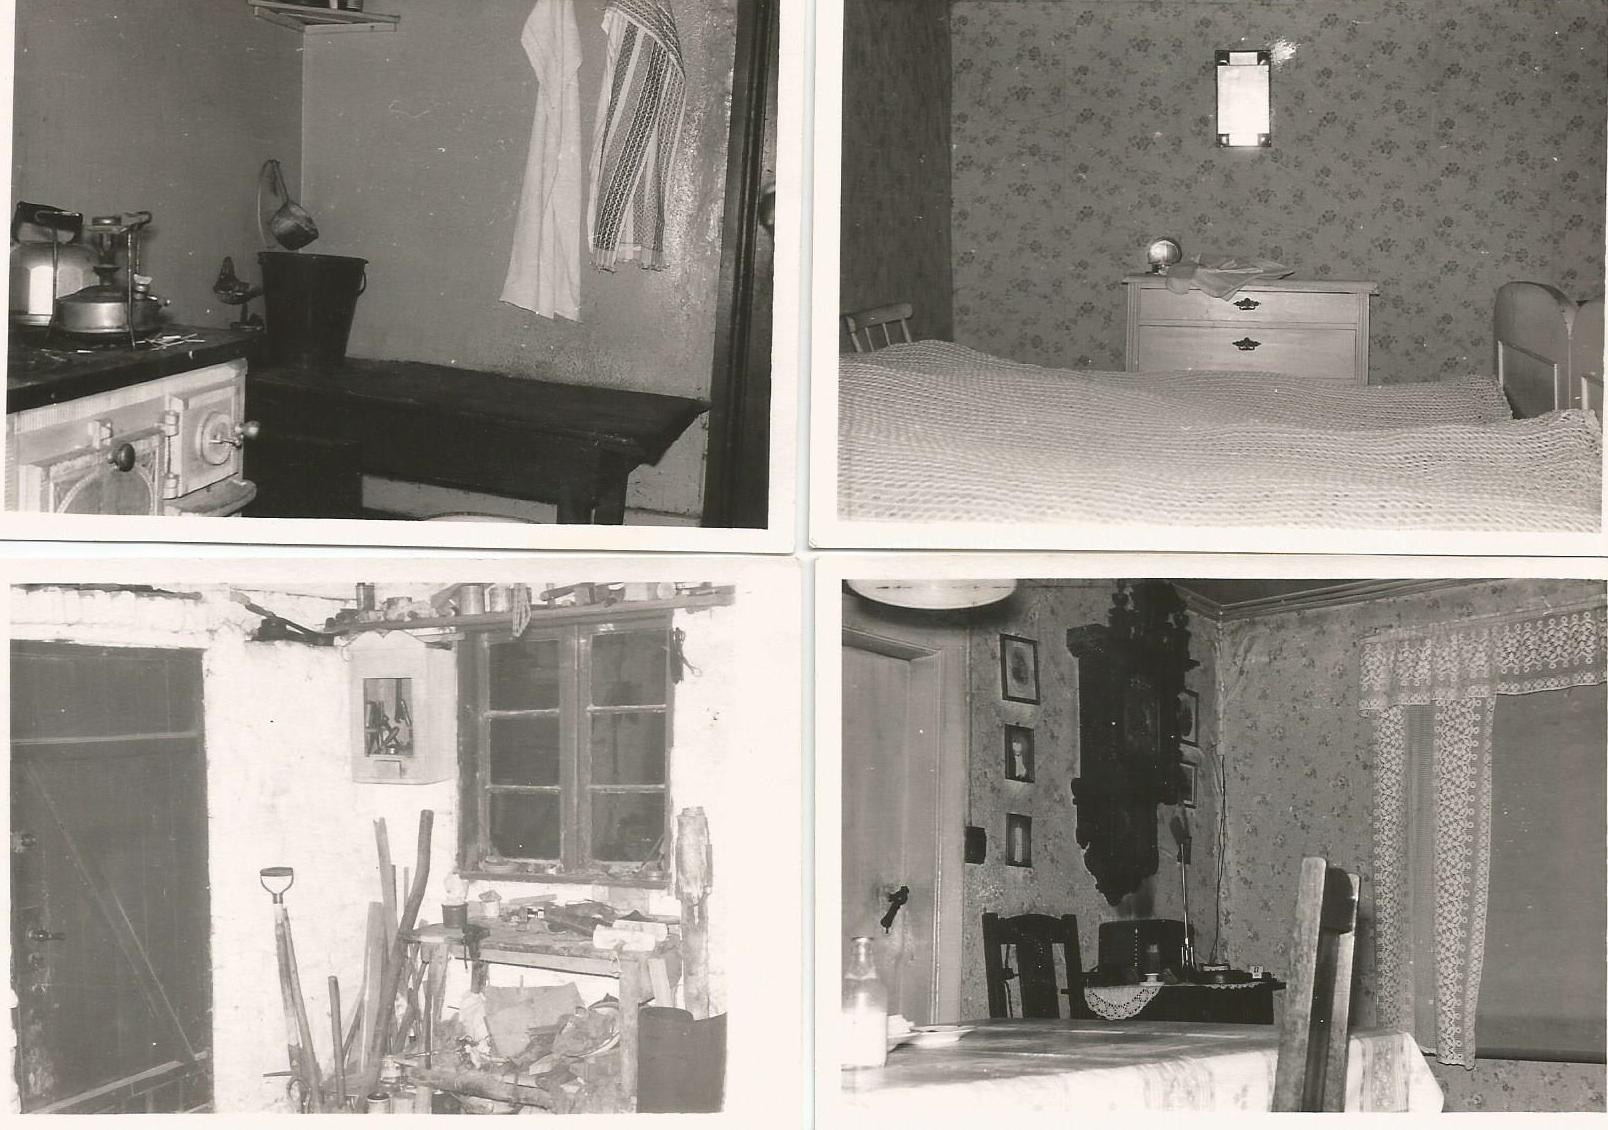 Billeder fra huset i 1961